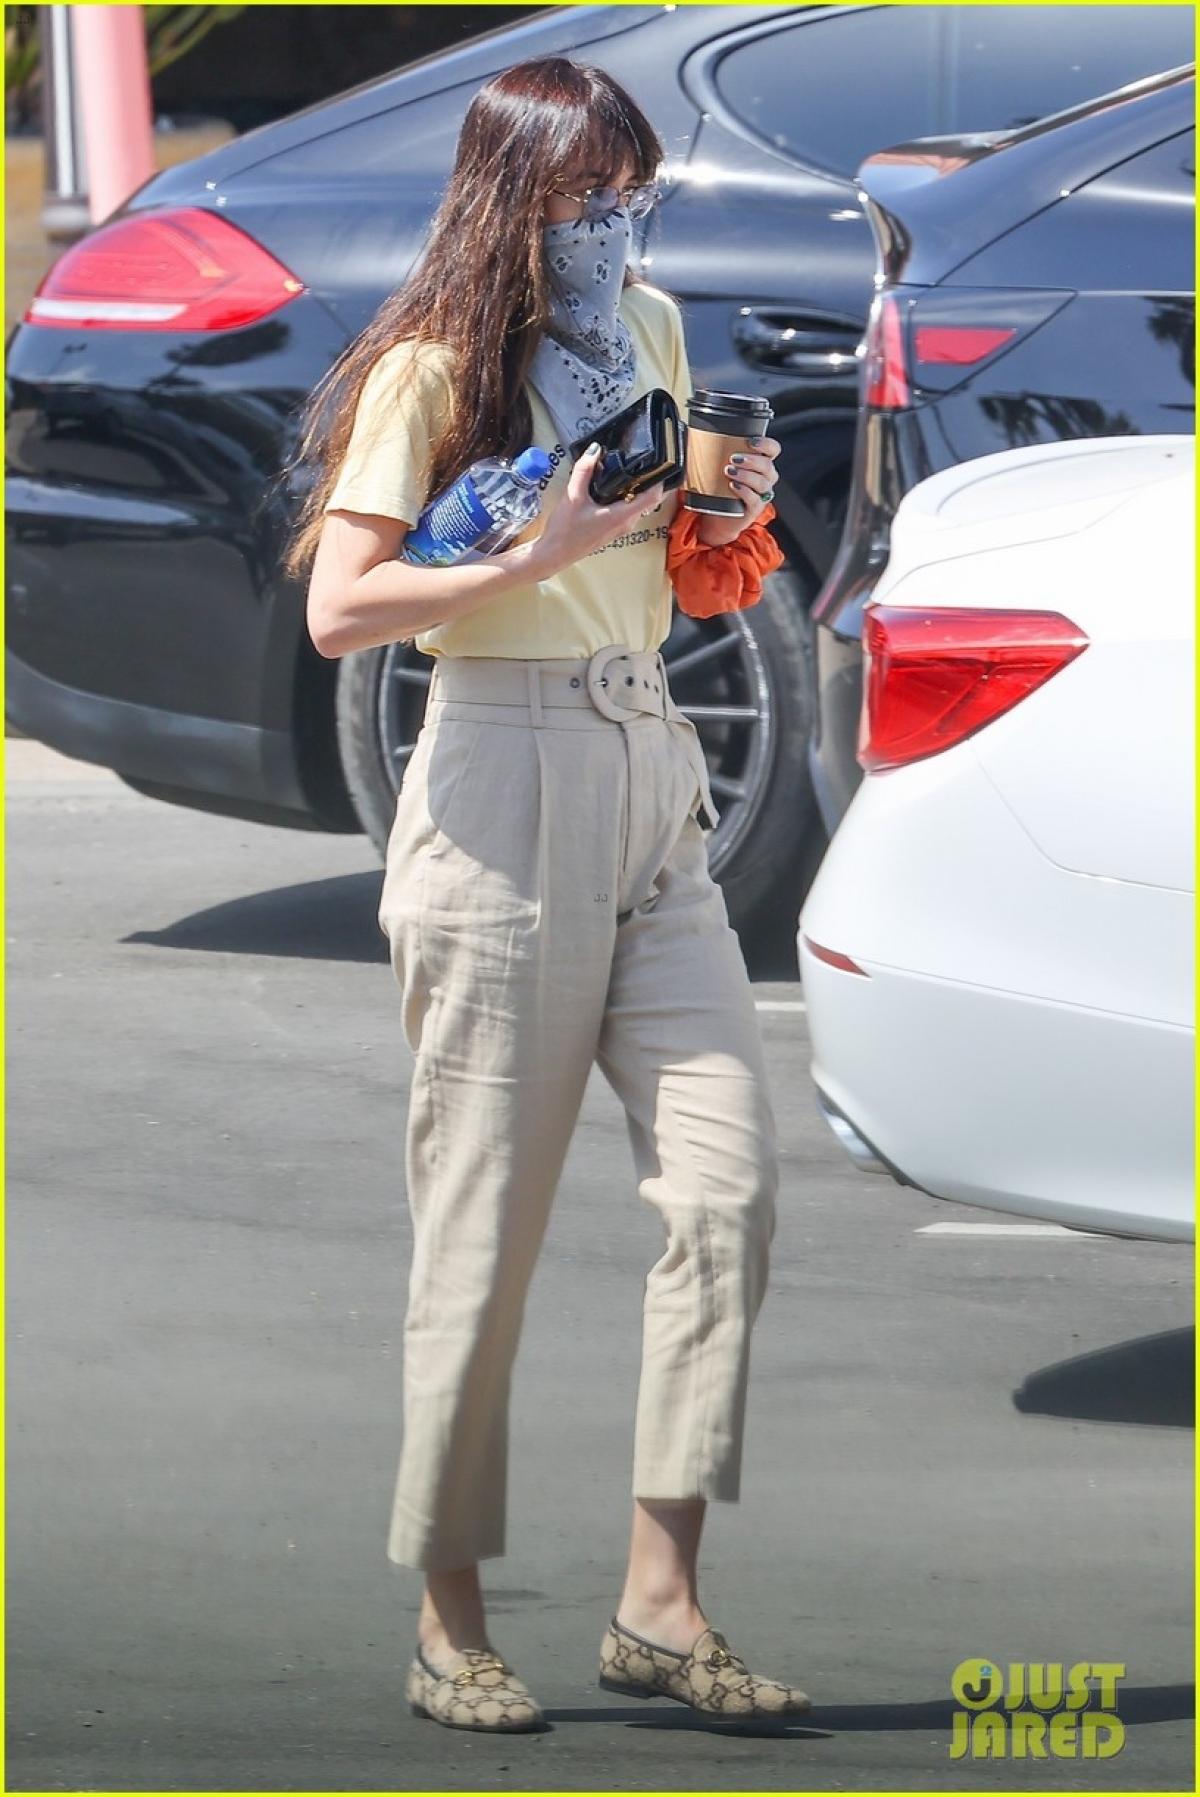 Dakota Johnson một mình đi mua sắm tại cửa hàng tạp hóa ở Malibu.